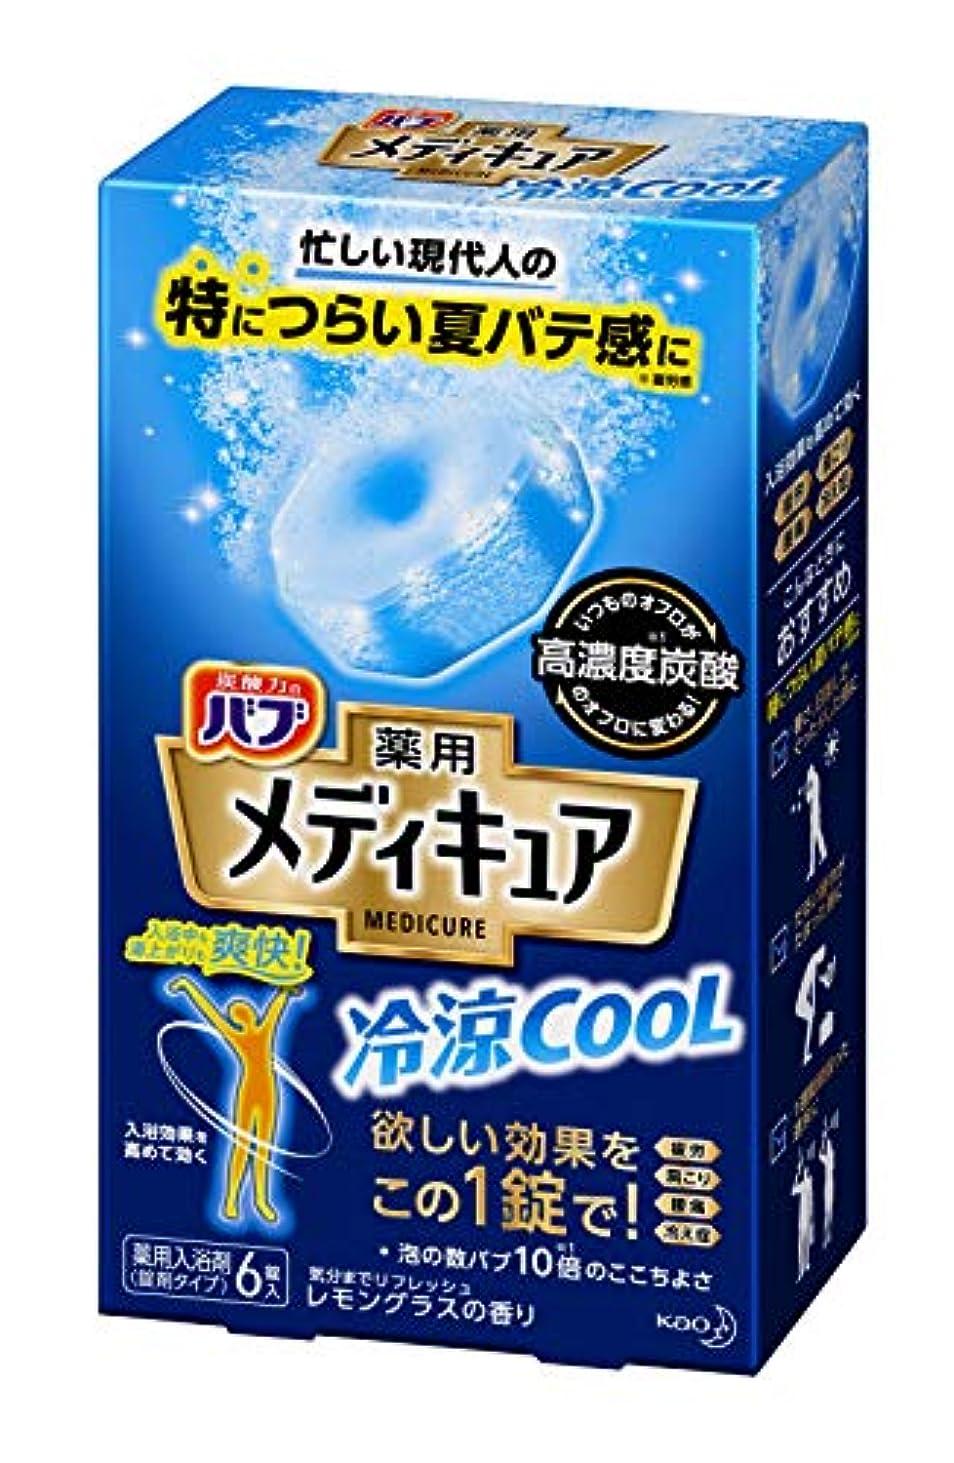 鋭く半島ページェントバブ メディキュア 冷涼クール レモングラスの香り 6錠入 高濃度 炭酸 温泉成分 (泡の数バブの10倍)